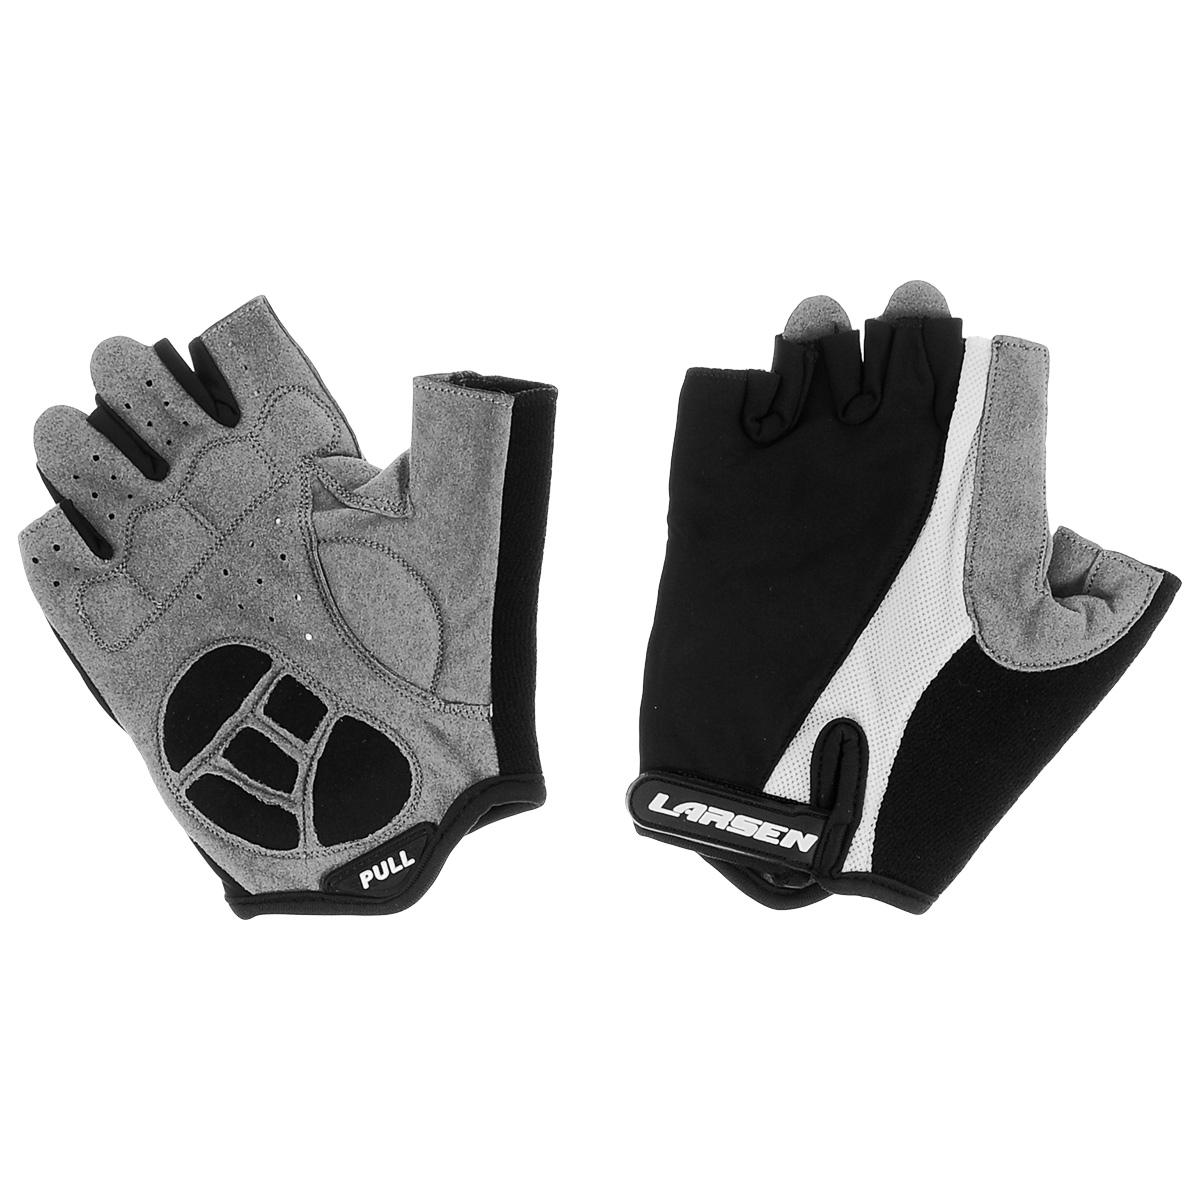 Велоперчатки Larsen, цвет: черный, серый, белый. Размер S. 01-122601-1226Велоперчатки Larsen выполнены из высококачественного нейлона и амары. На ладонях расположены мягкие вставки для повышенного сцепления и системой Pull Off на пальцах. Застежка Velcro надежно фиксирует перчатки на руке. Сетка способствует хорошей вентиляции.